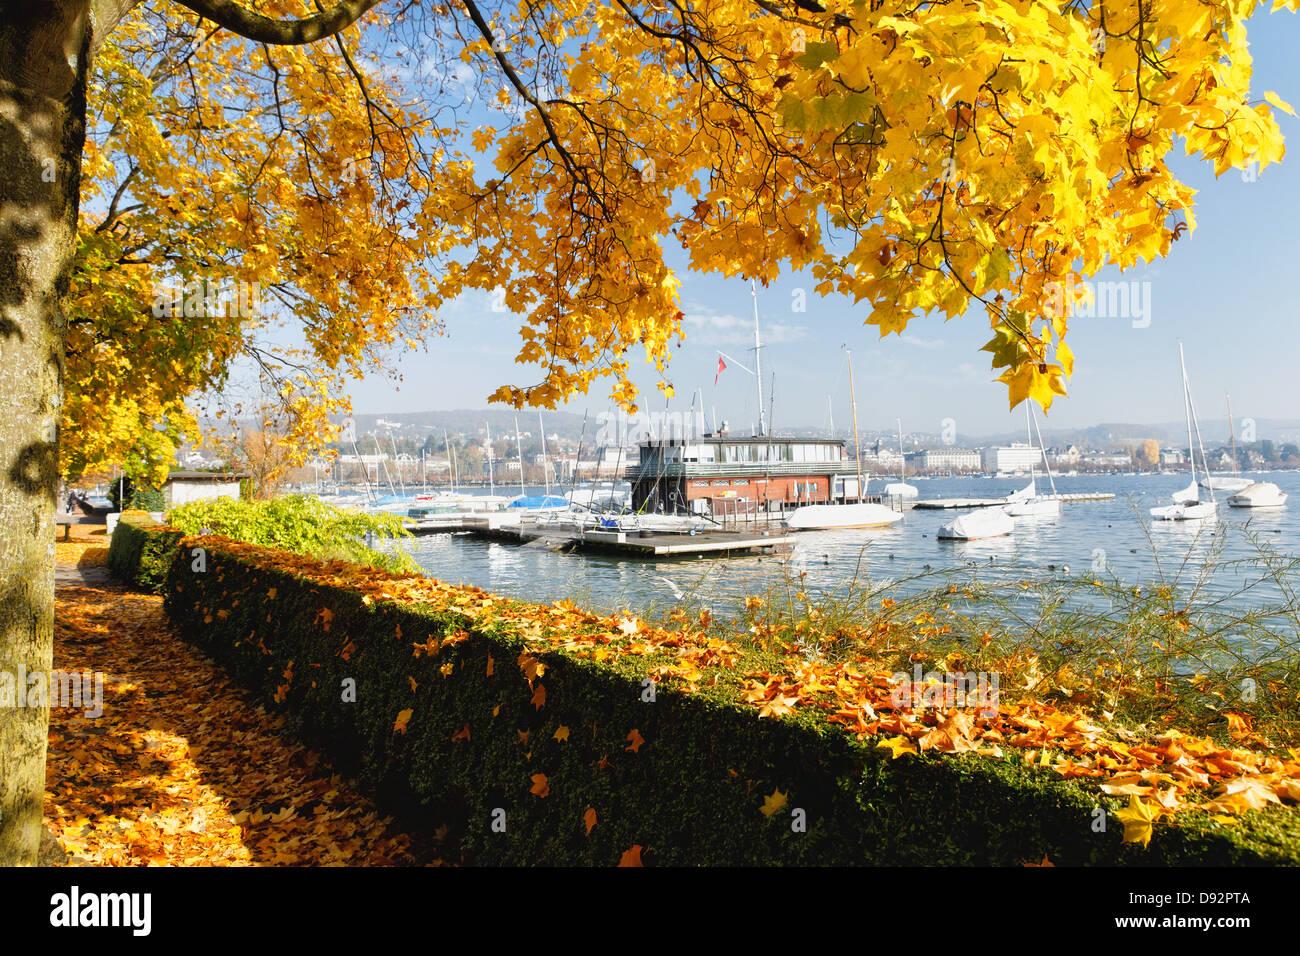 Soleggiata giornata autunnale presso il lago di Zurigo, Zurigo, Svizzera Immagini Stock